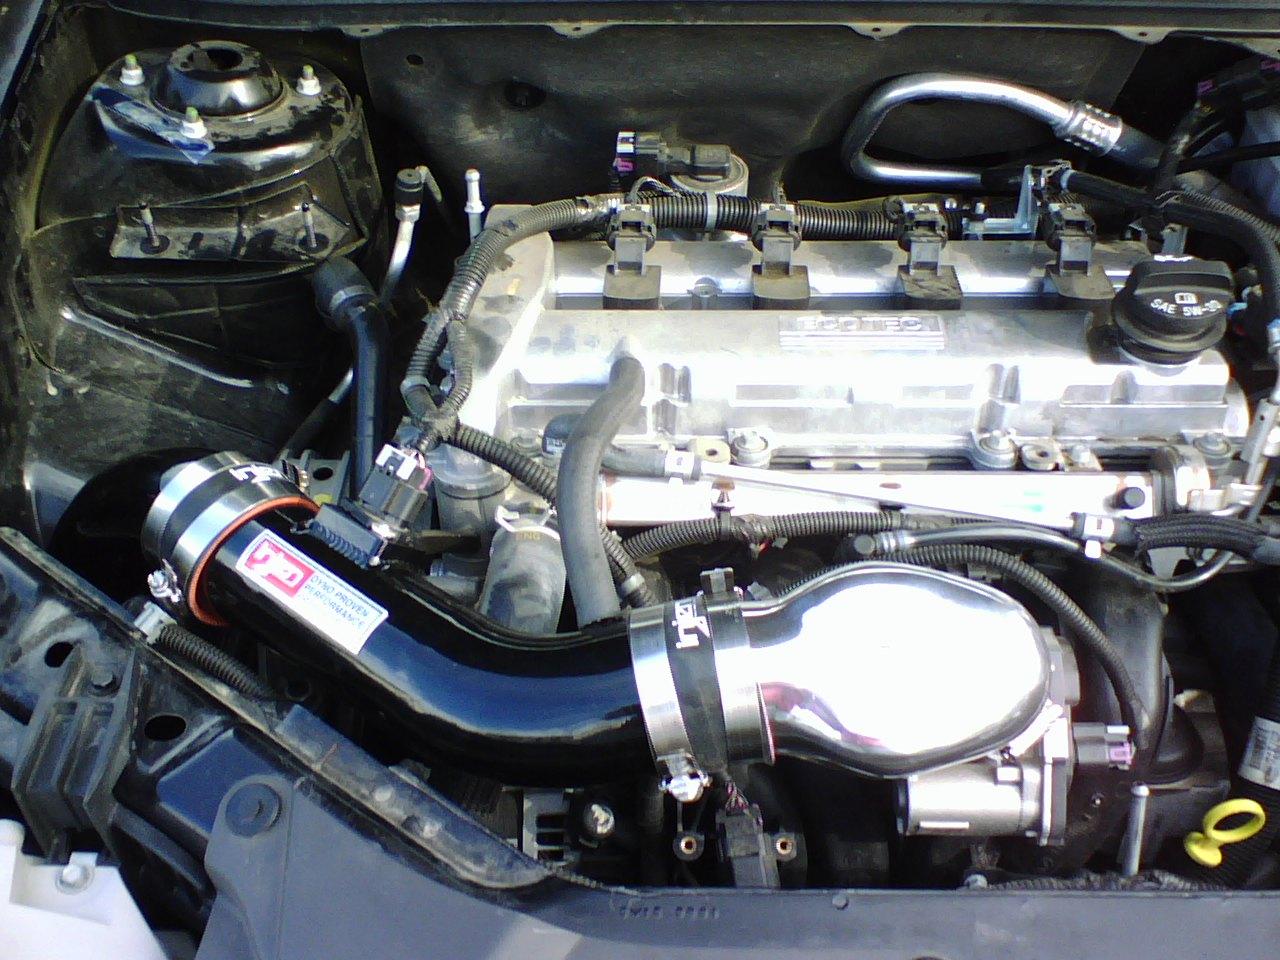 Cobalt chevy cobalt 2007 ls : 2007 Chevrolet Cobalt LS 1/4 mile Drag Racing timeslip specs 0-60 ...